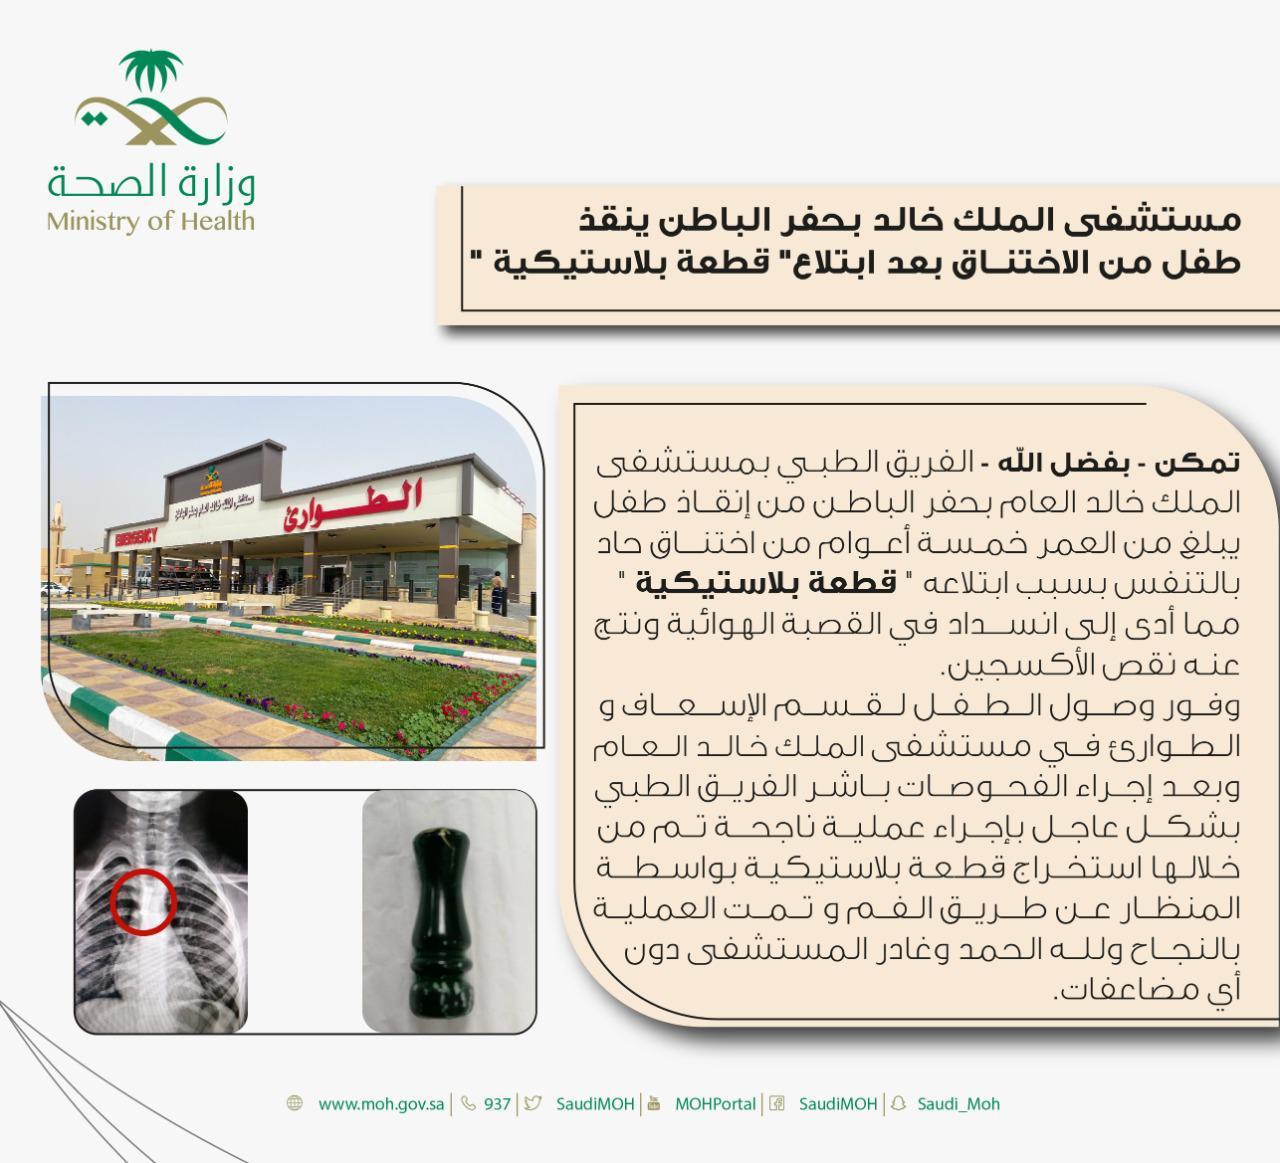 مستشفى الملك خالد بحفر الباطن ينقذ طفل من الاختناق بعد ابتلاع قطعة بلاستيكية